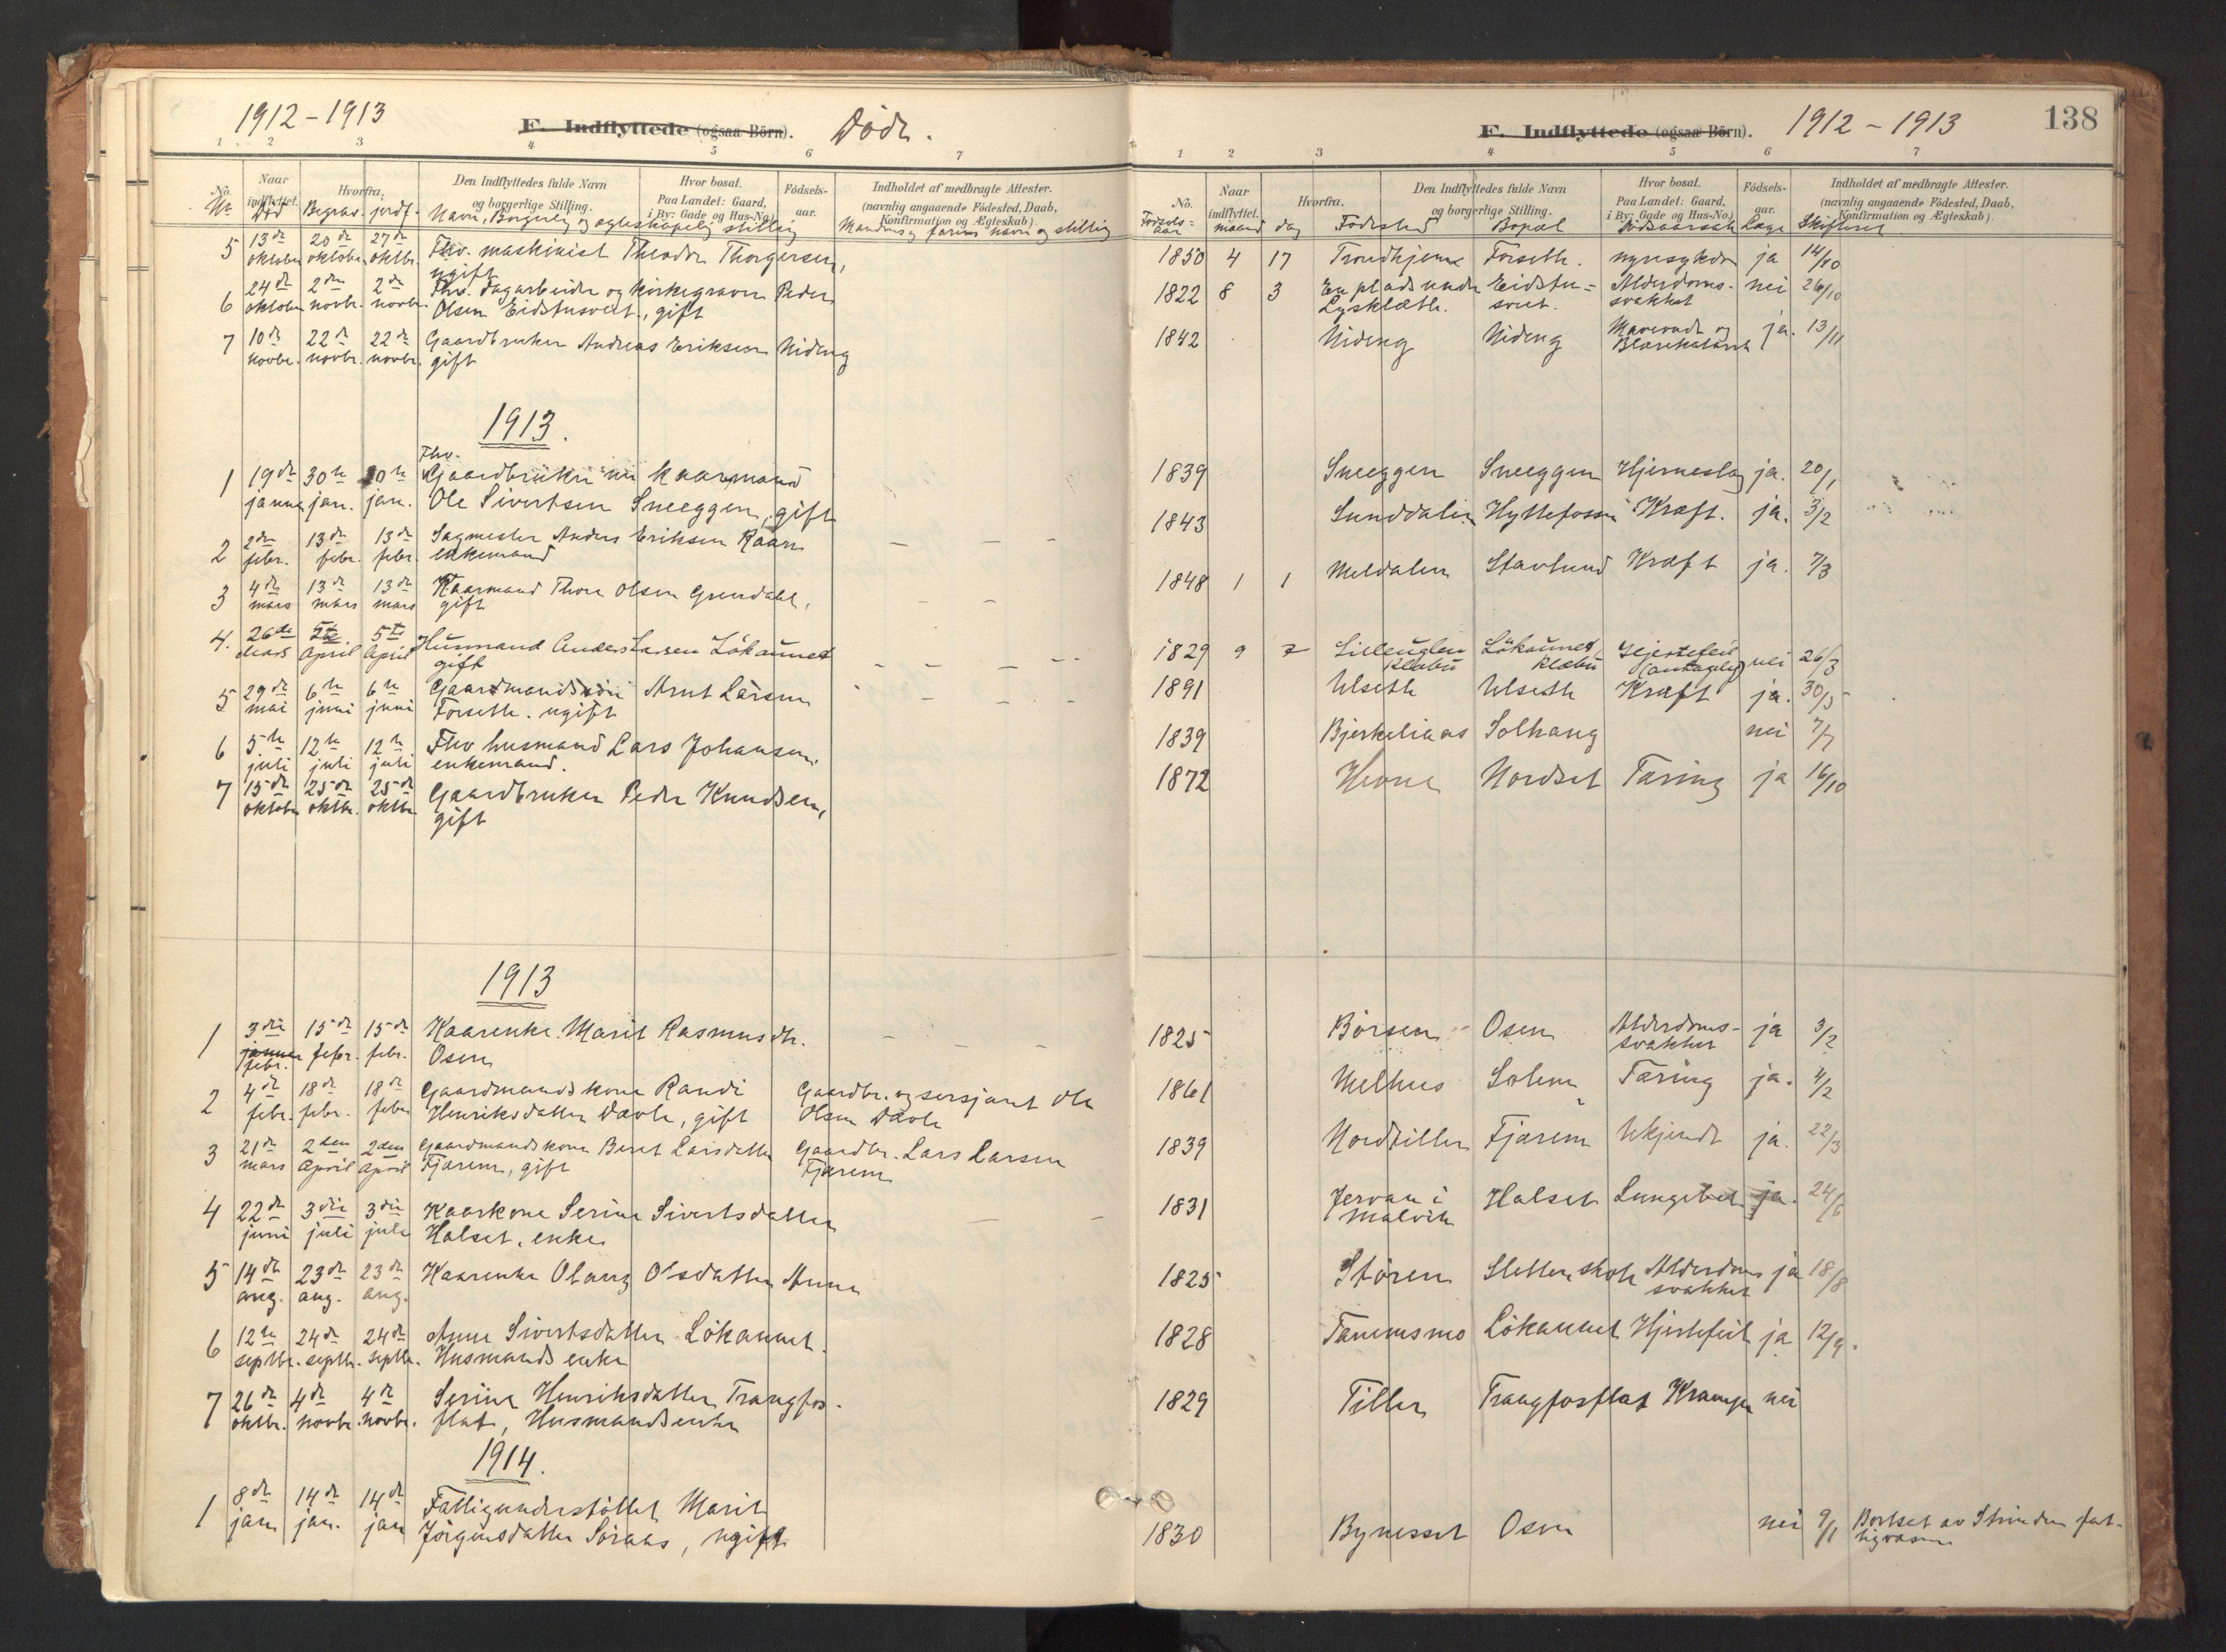 SAT, Ministerialprotokoller, klokkerbøker og fødselsregistre - Sør-Trøndelag, 618/L0448: Ministerialbok nr. 618A11, 1898-1916, s. 138